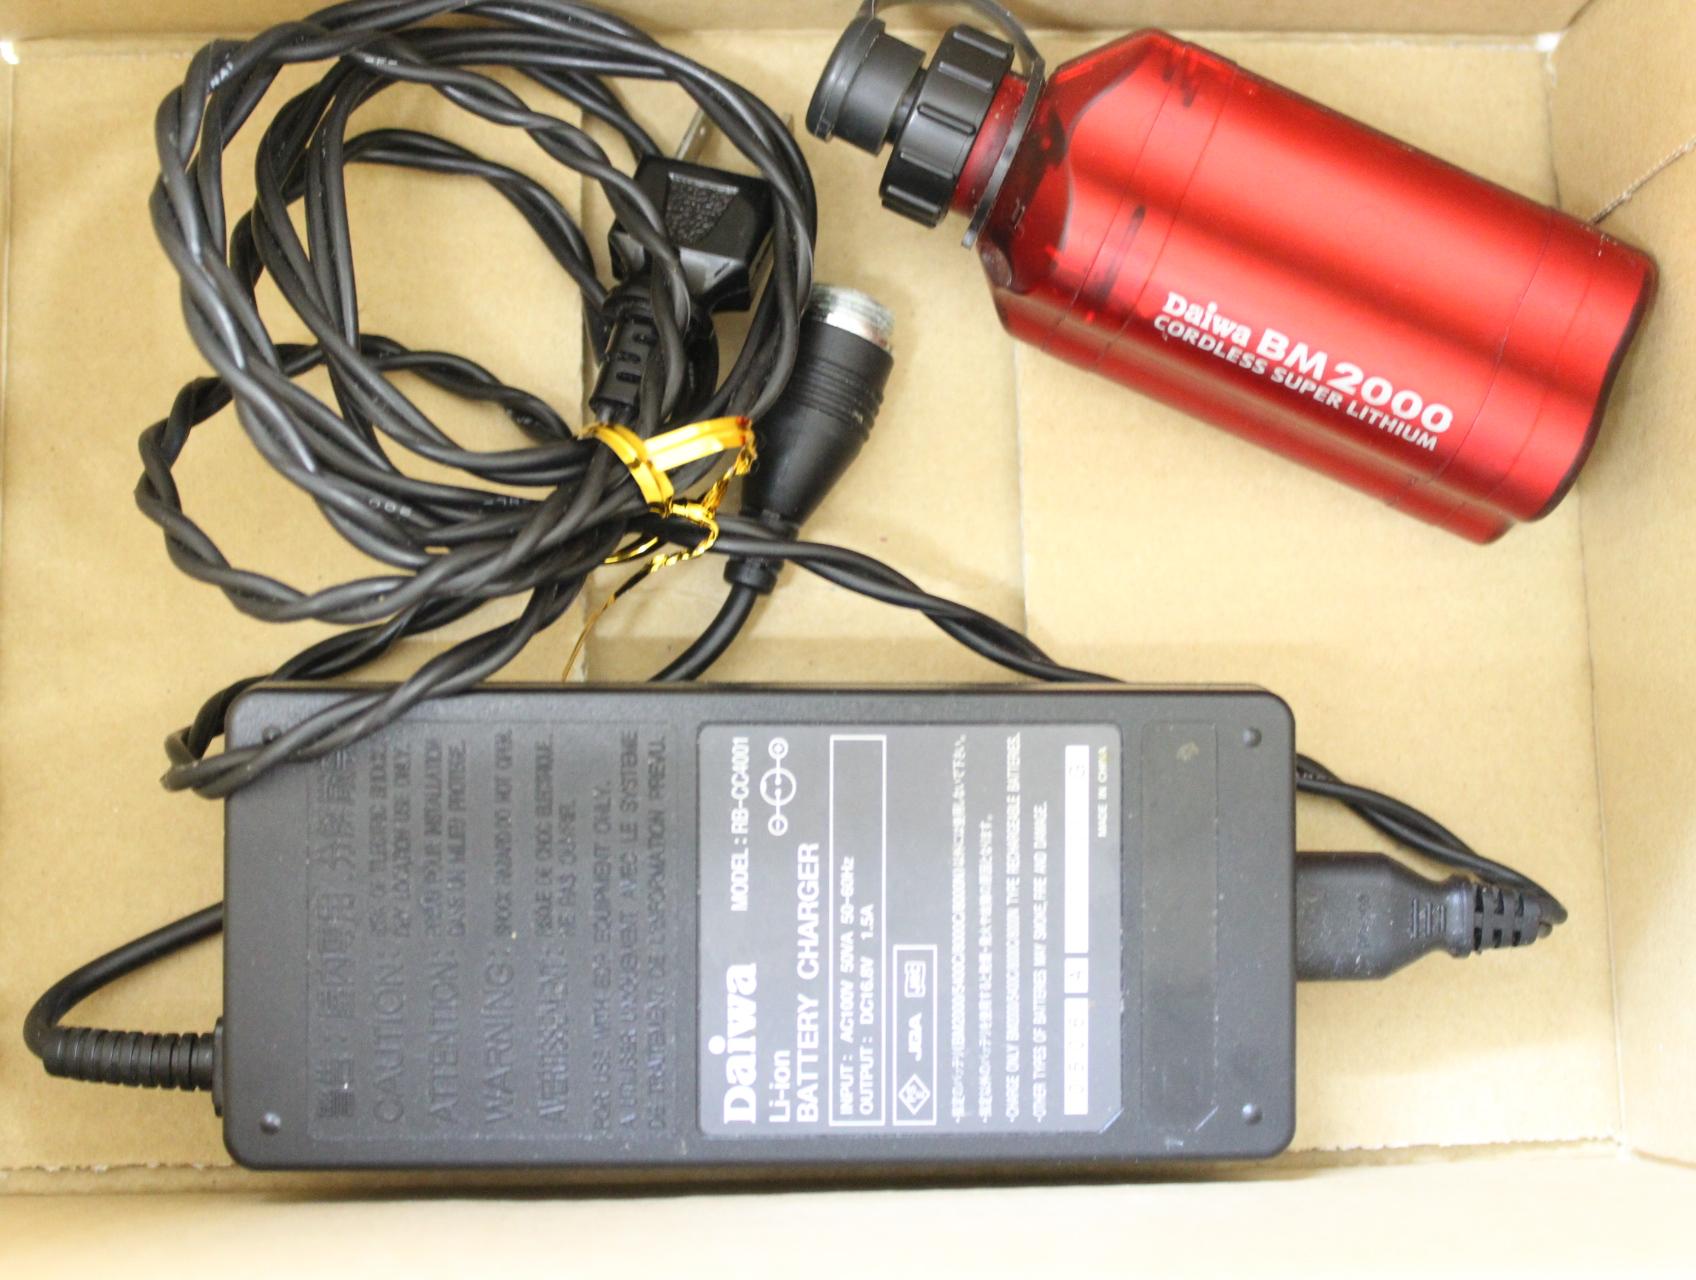 ダイワ スーパーリチウム  BM2000 充電器付